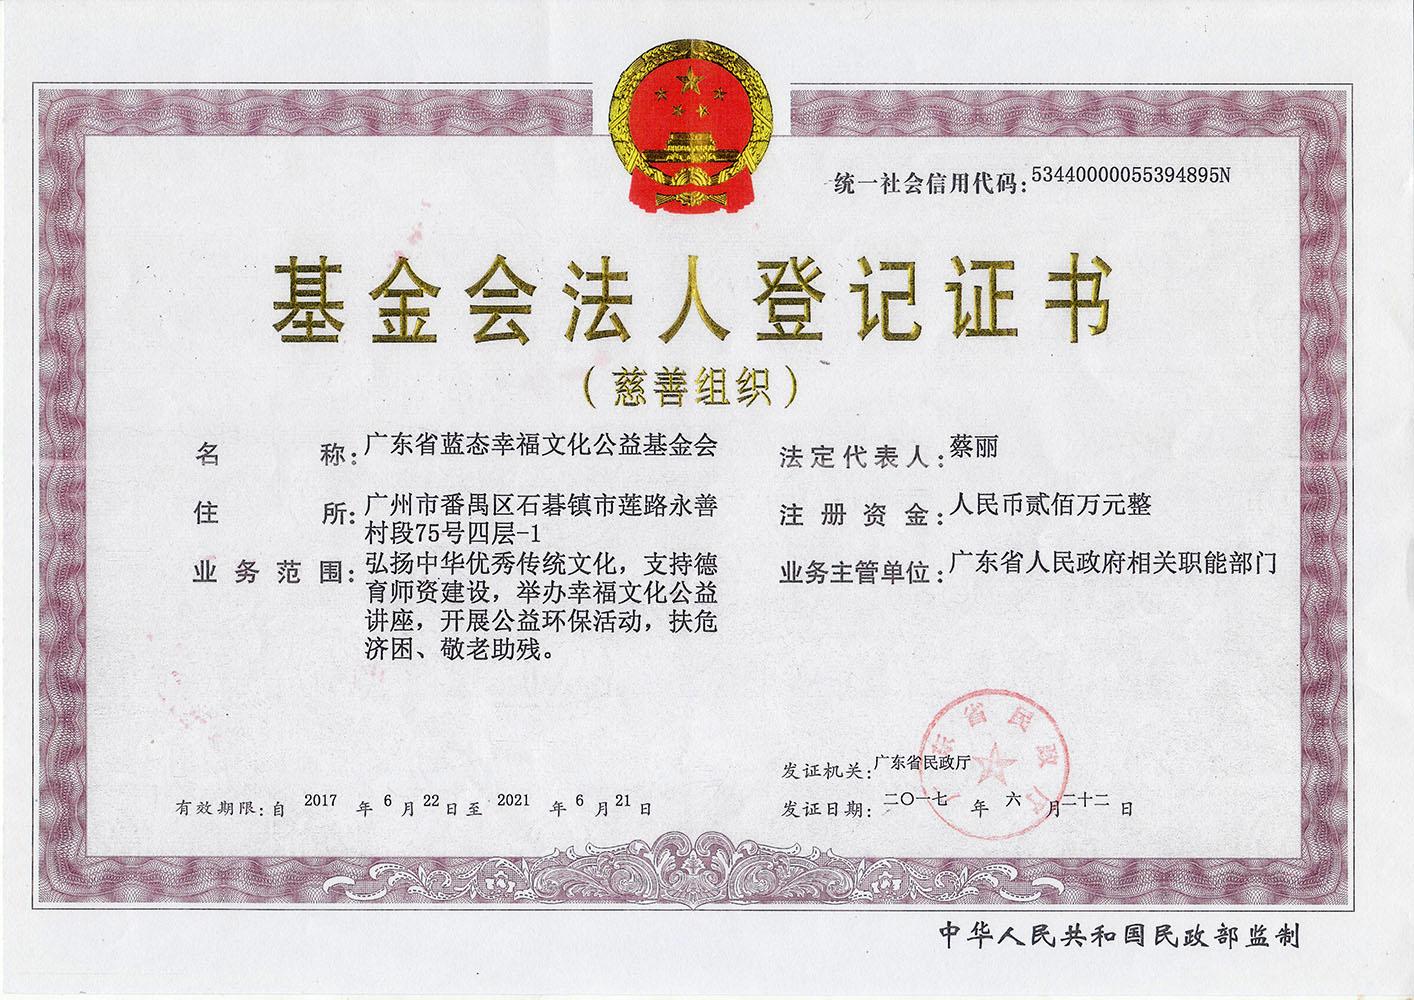 广东省民政厅关于同意广东省蓝态幸福文化公益基金会认定为慈善组织的批复